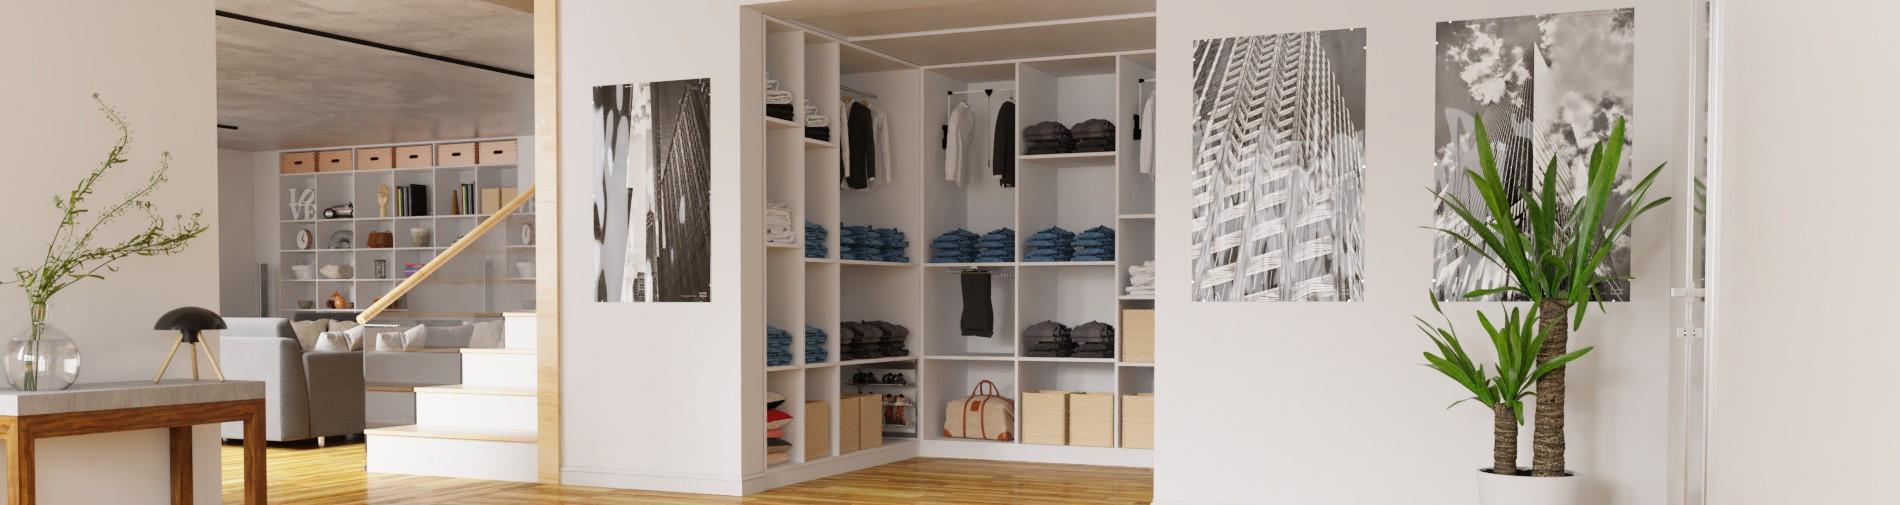 Begehbarer Kleiderschrank selber bauen | schrankplaner.de